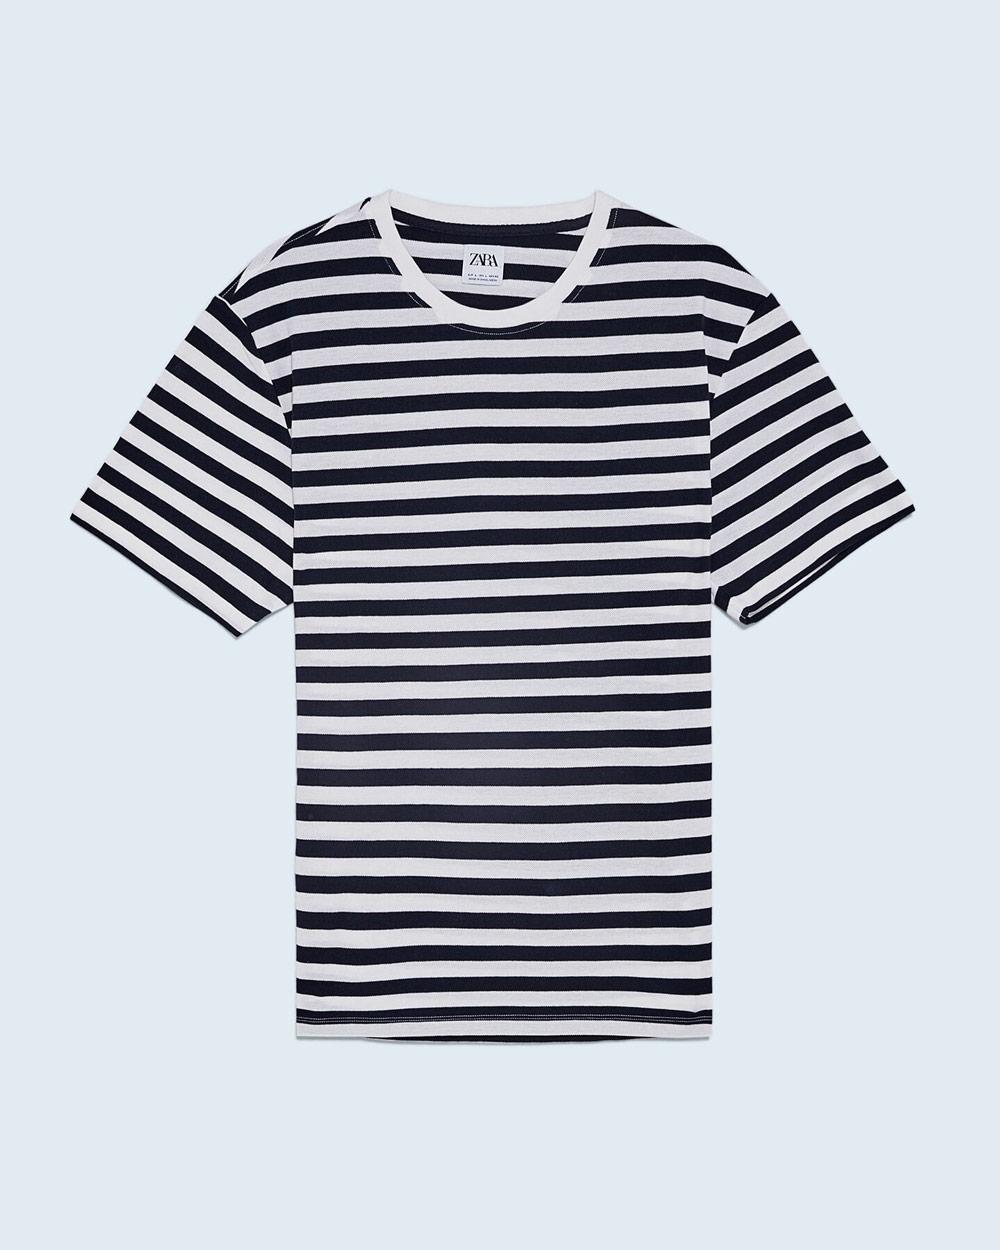 Zara mornarska majica ljeto 2020